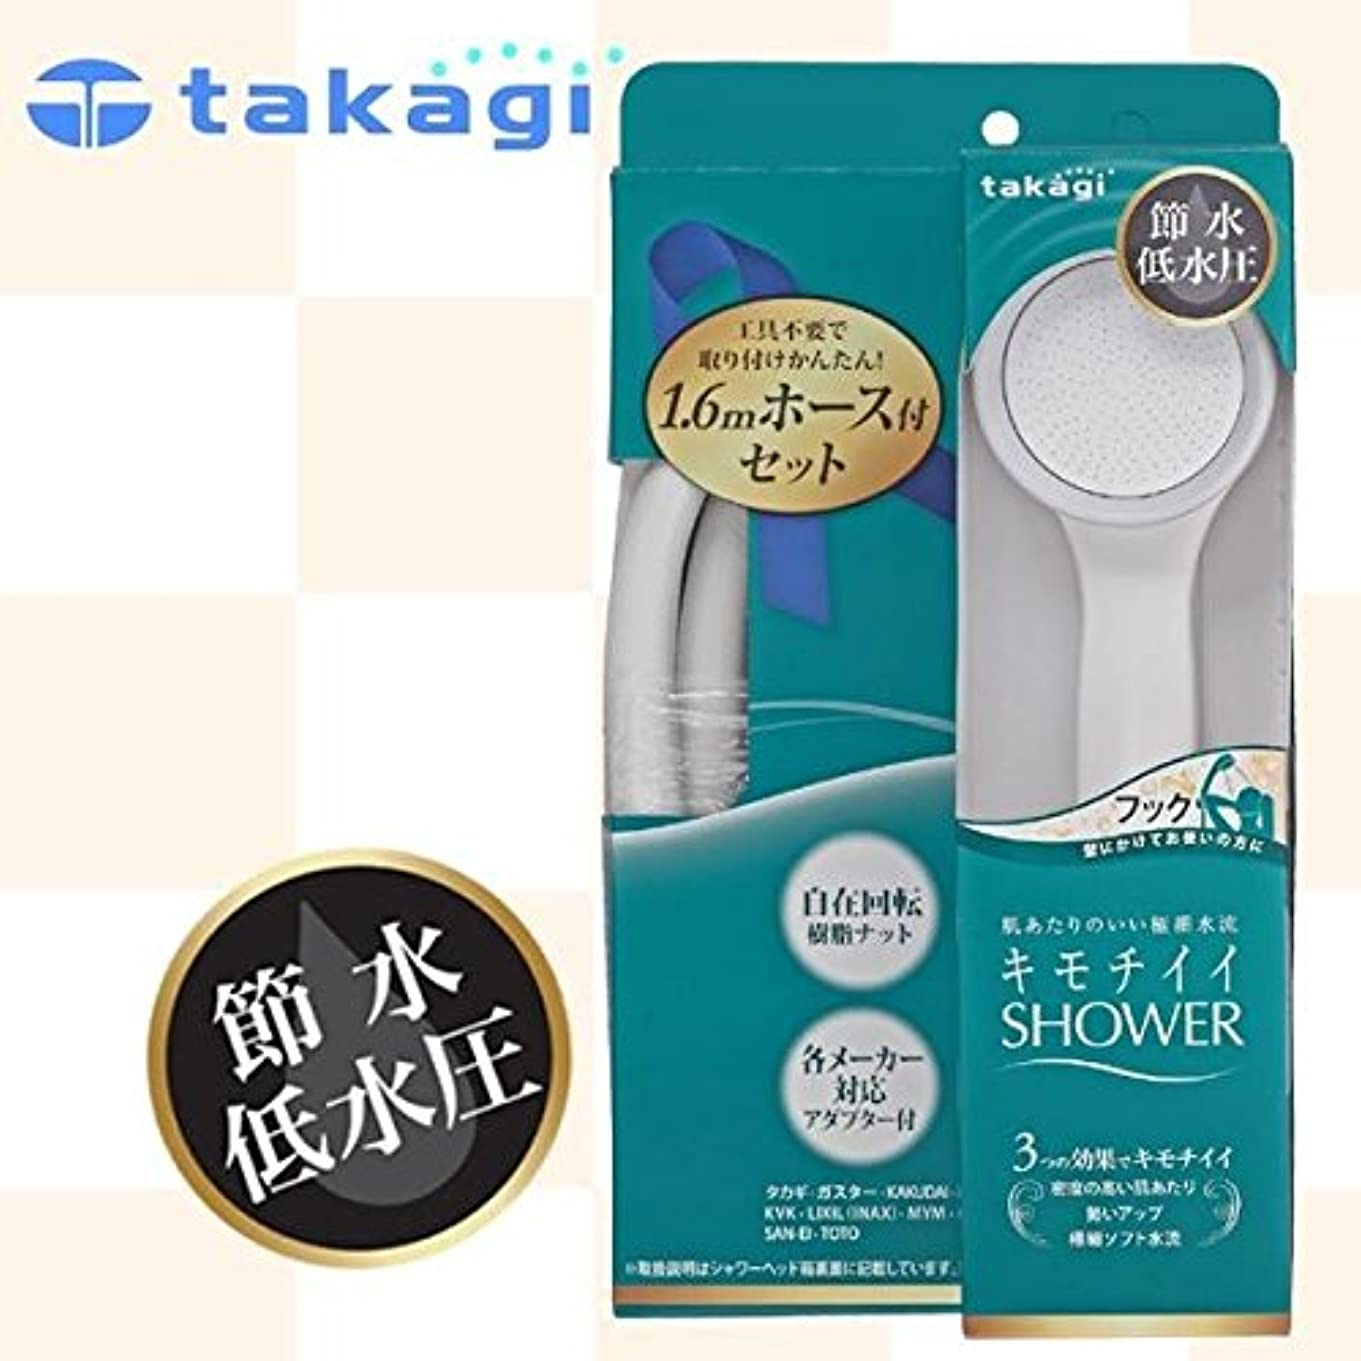 不健全装置takagi タカギ 浴室用シャワーヘッド キモチイイシャワーホースセットWT フックタイプ【同梱?代引不可】